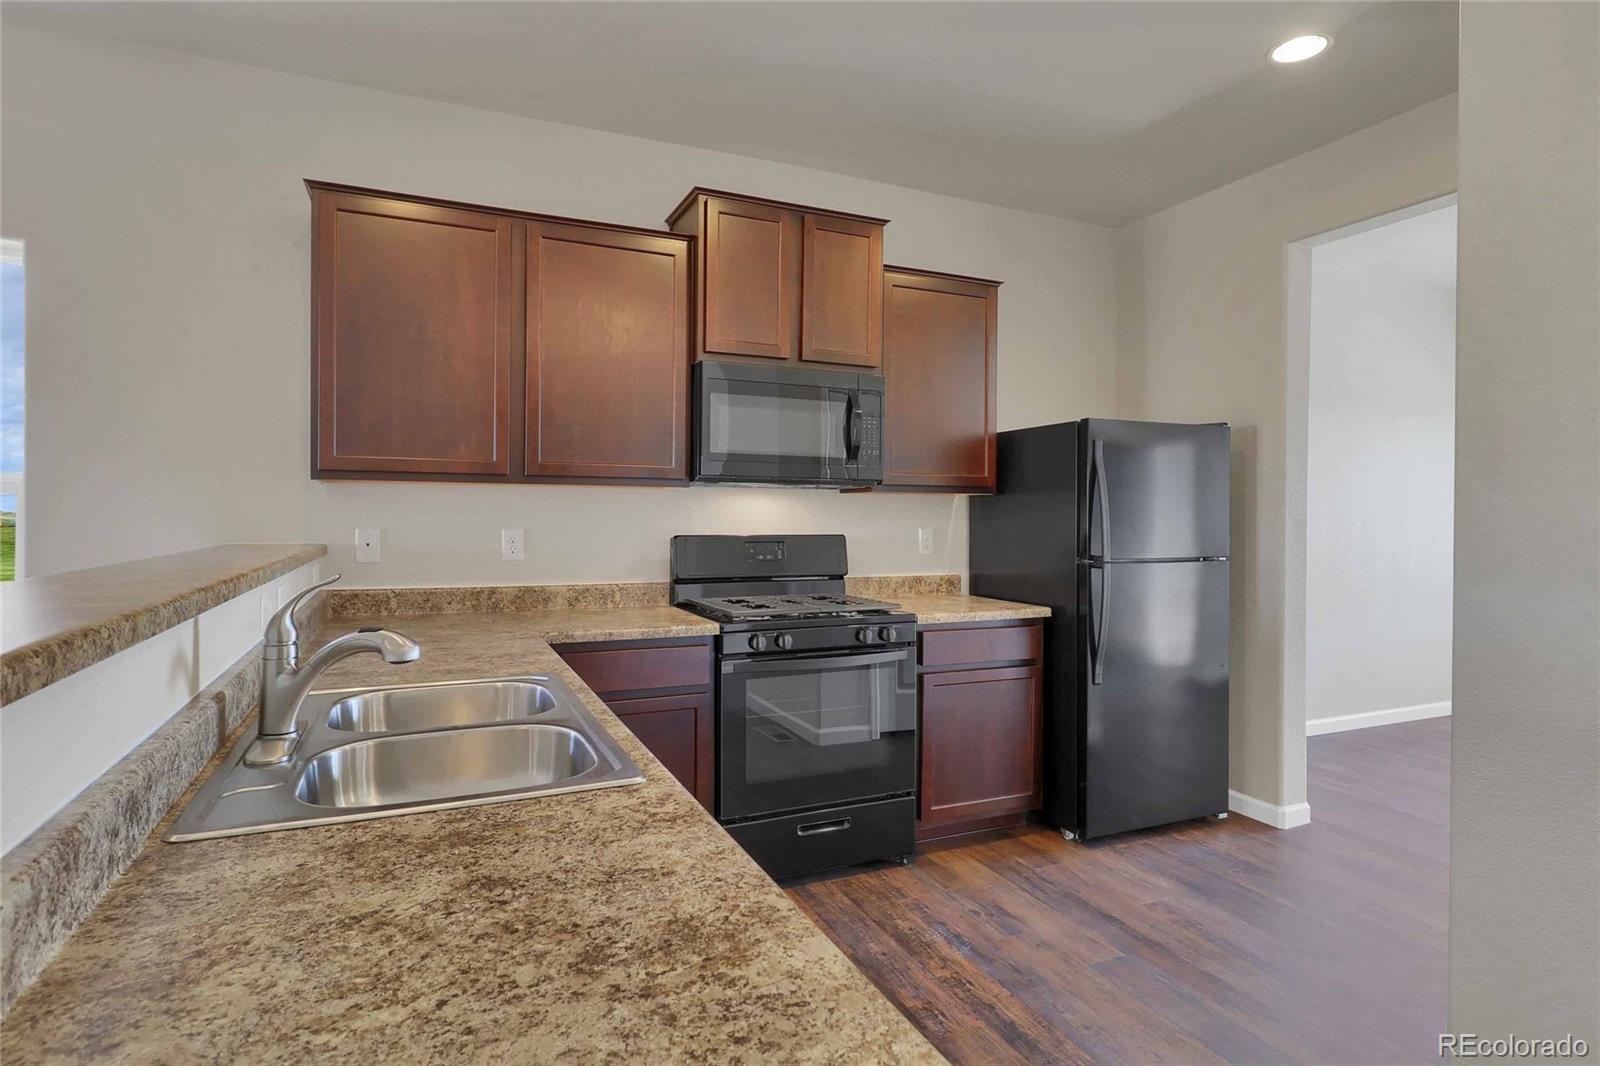 MLS# 6775261 - 6 - 47307 Clover Avenue, Bennett, CO 80102